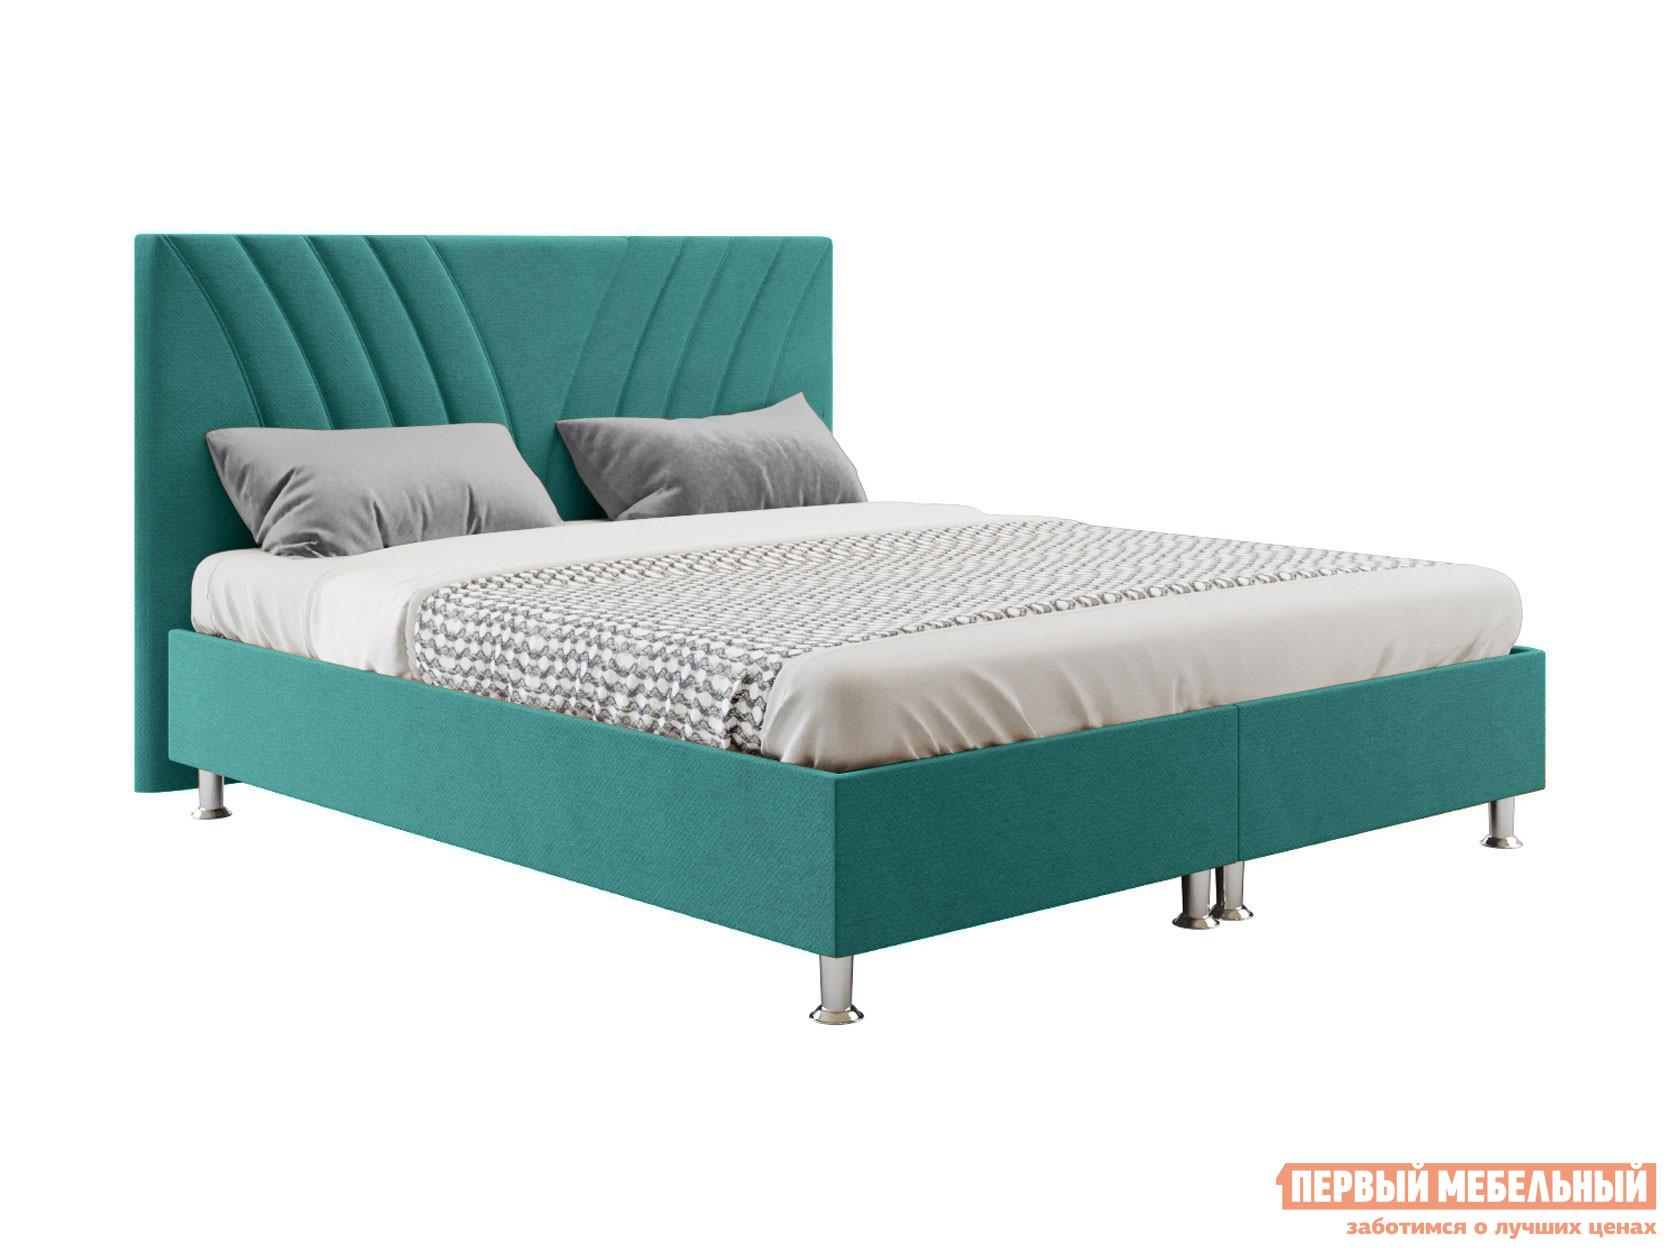 Двуспальная кровать  Версо с подъемным механизмом 140х200, 160х200, 180х200, 200х200 Морская волна, 160х200 см Беллона 131282